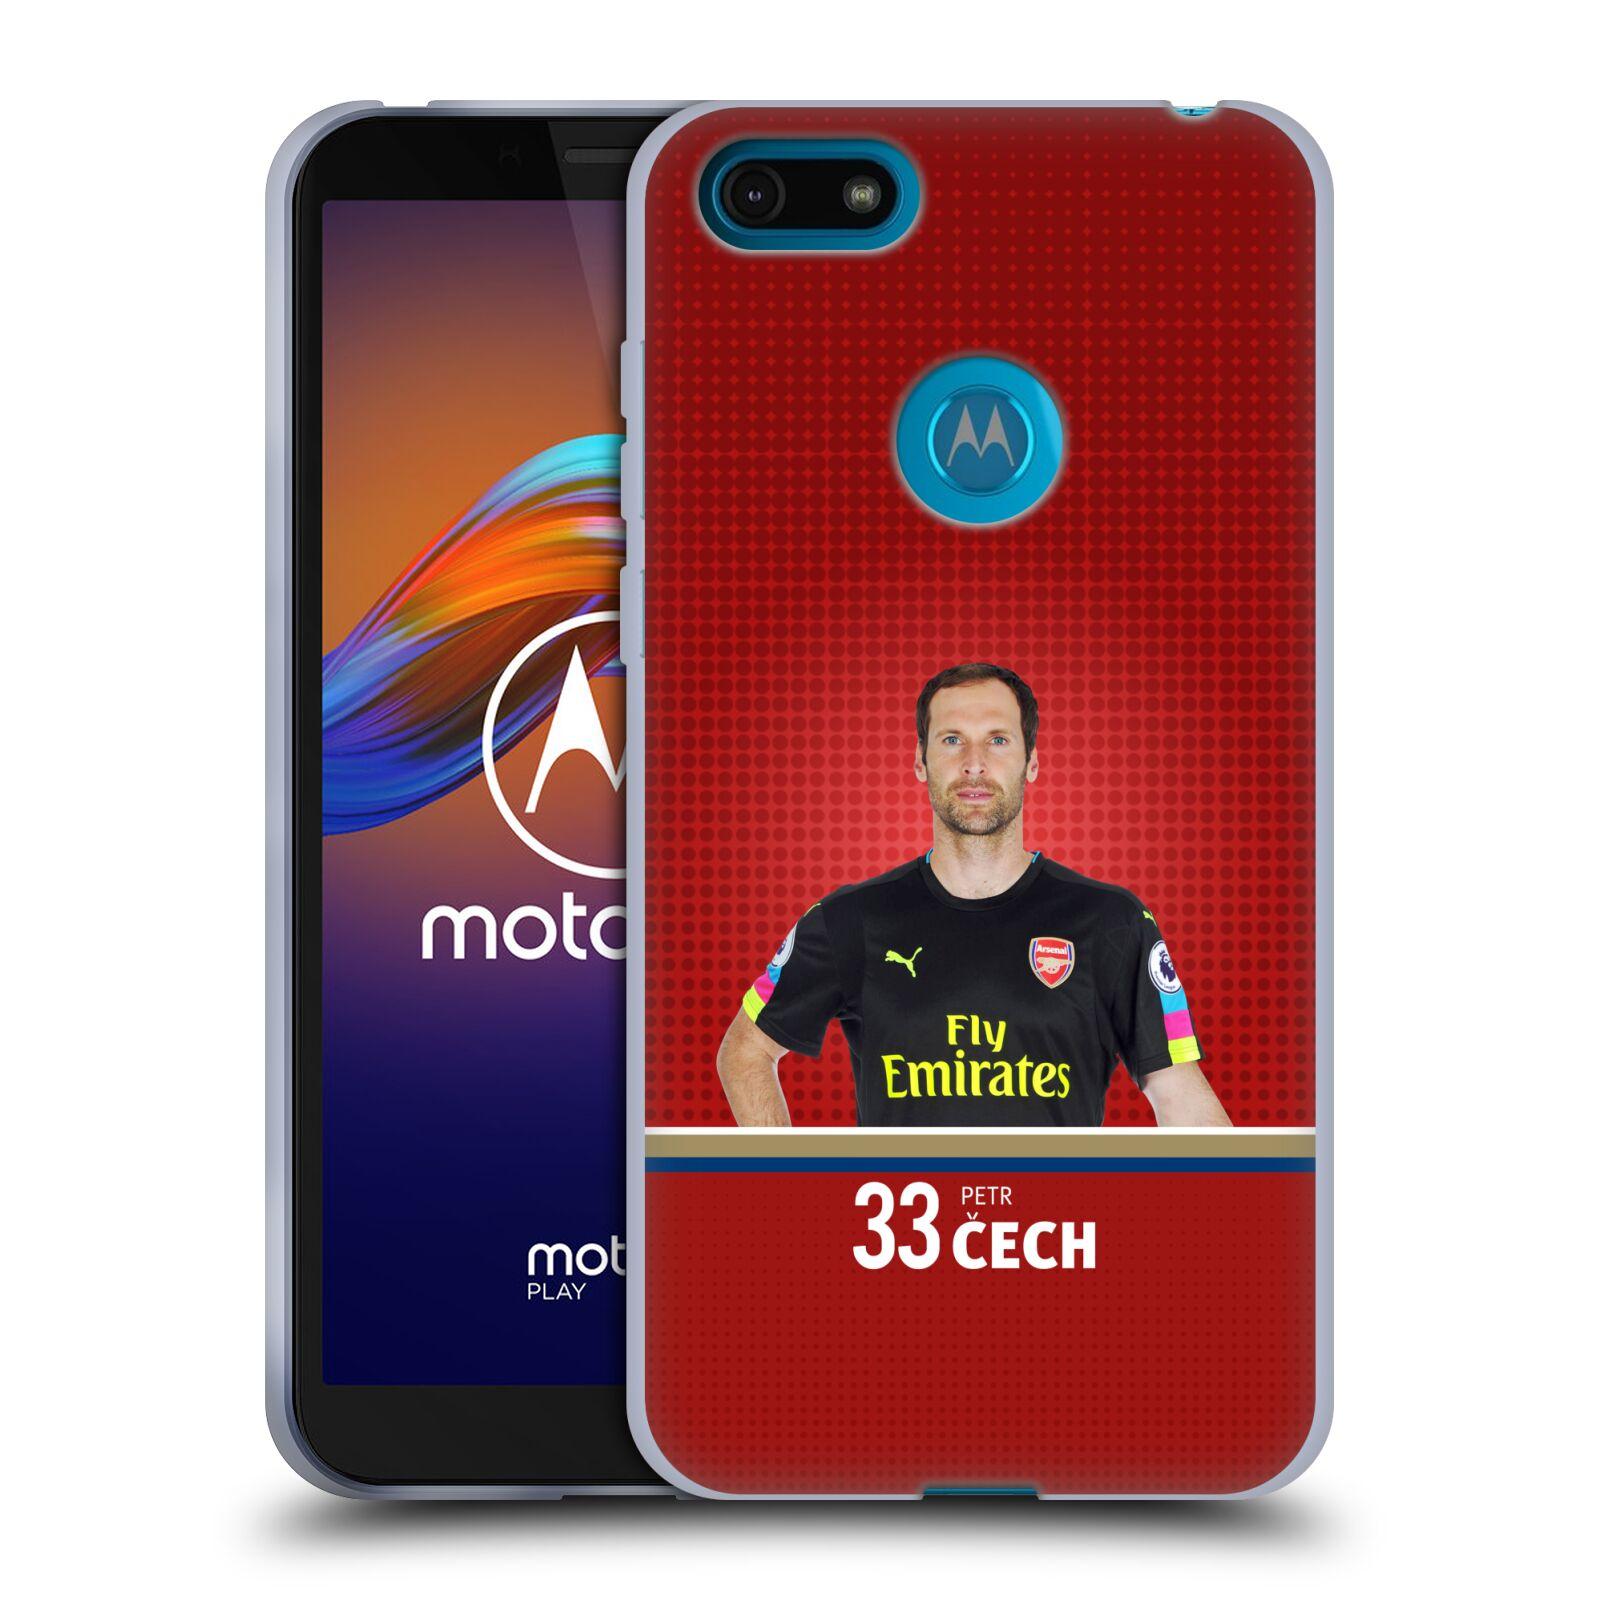 Silikonové pouzdro na mobil Motorola Moto E6 Play - Head Case - Arsenal FC - Petr Čech